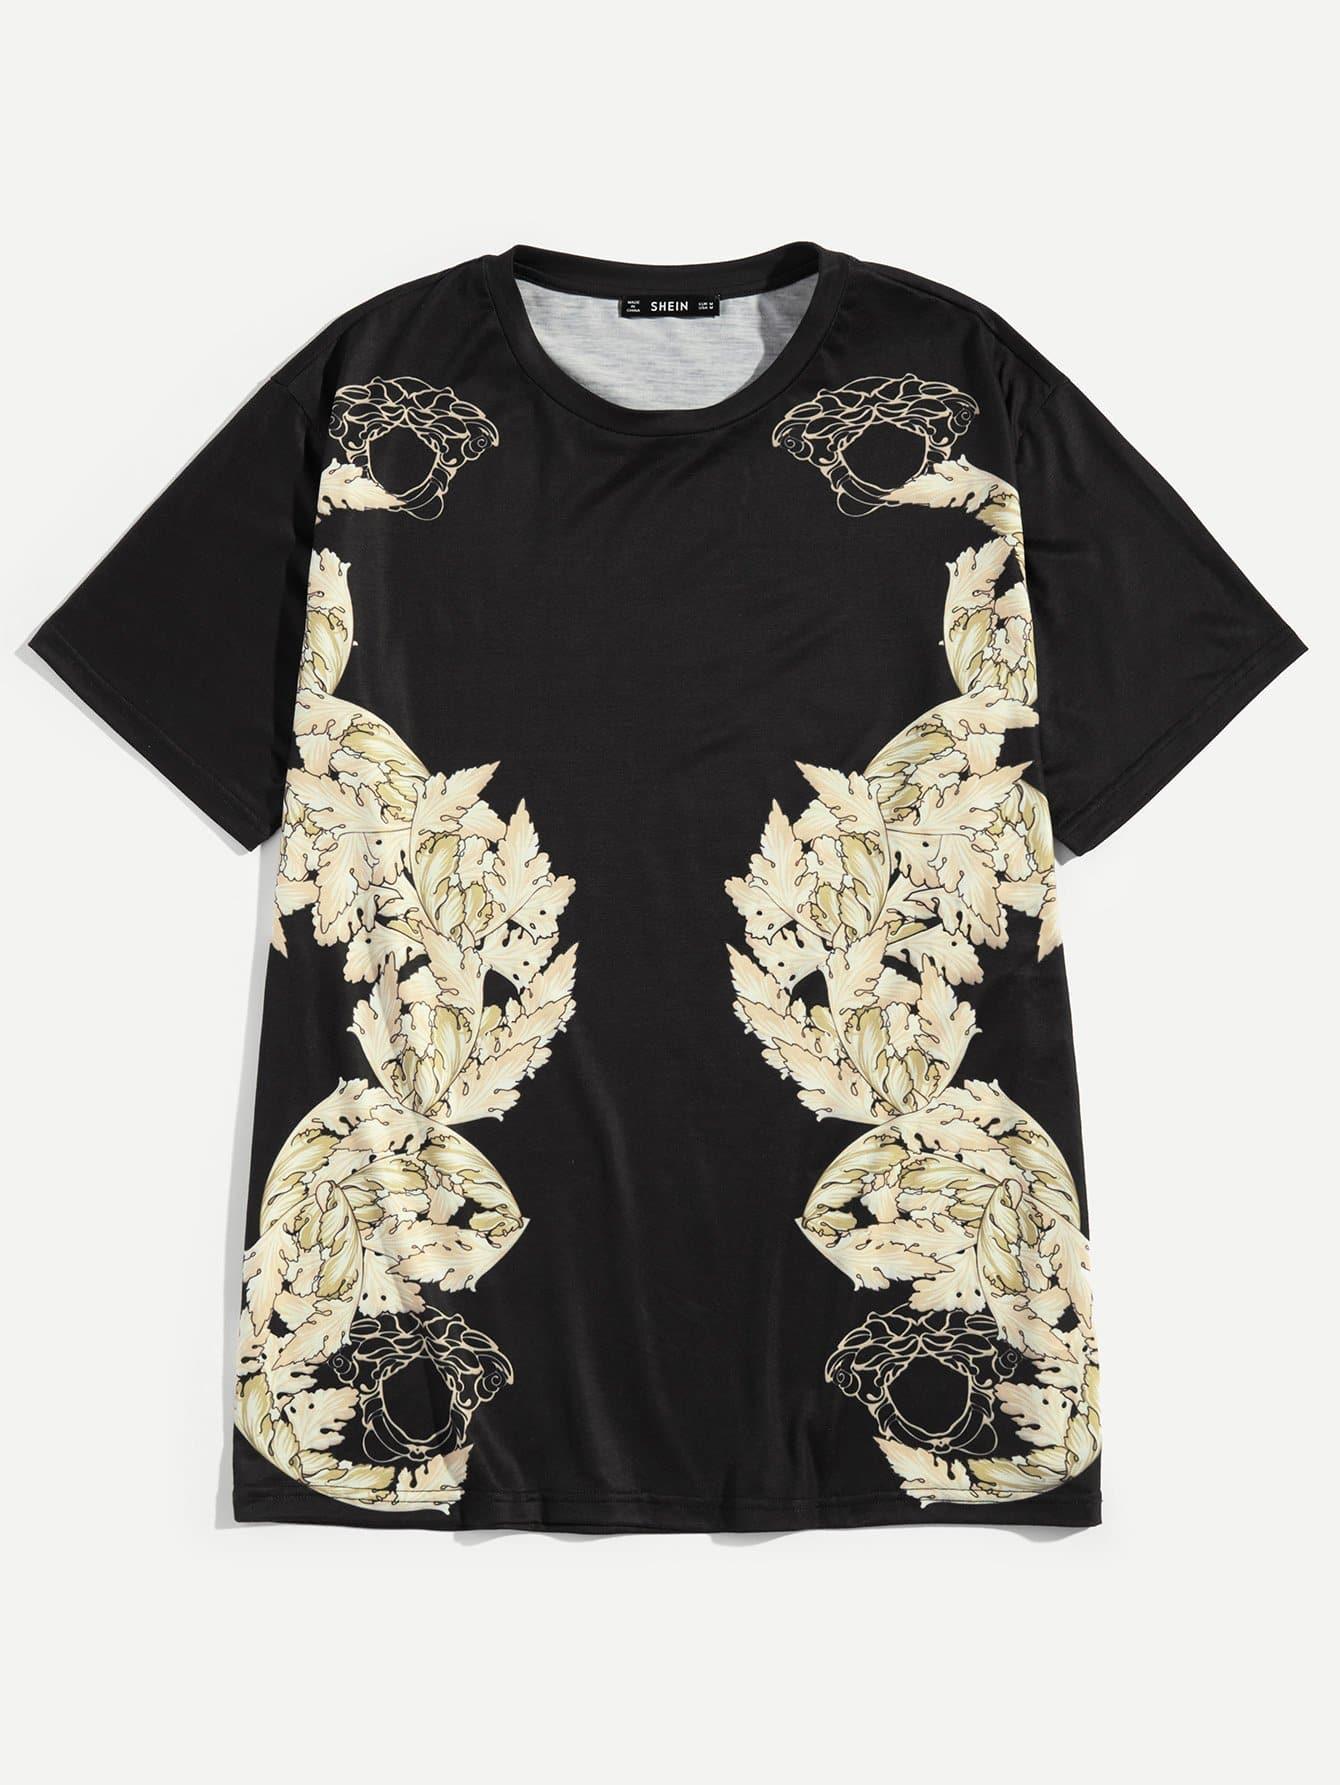 Купить Для мужчин футболка с симметричным принтом, null, SheIn